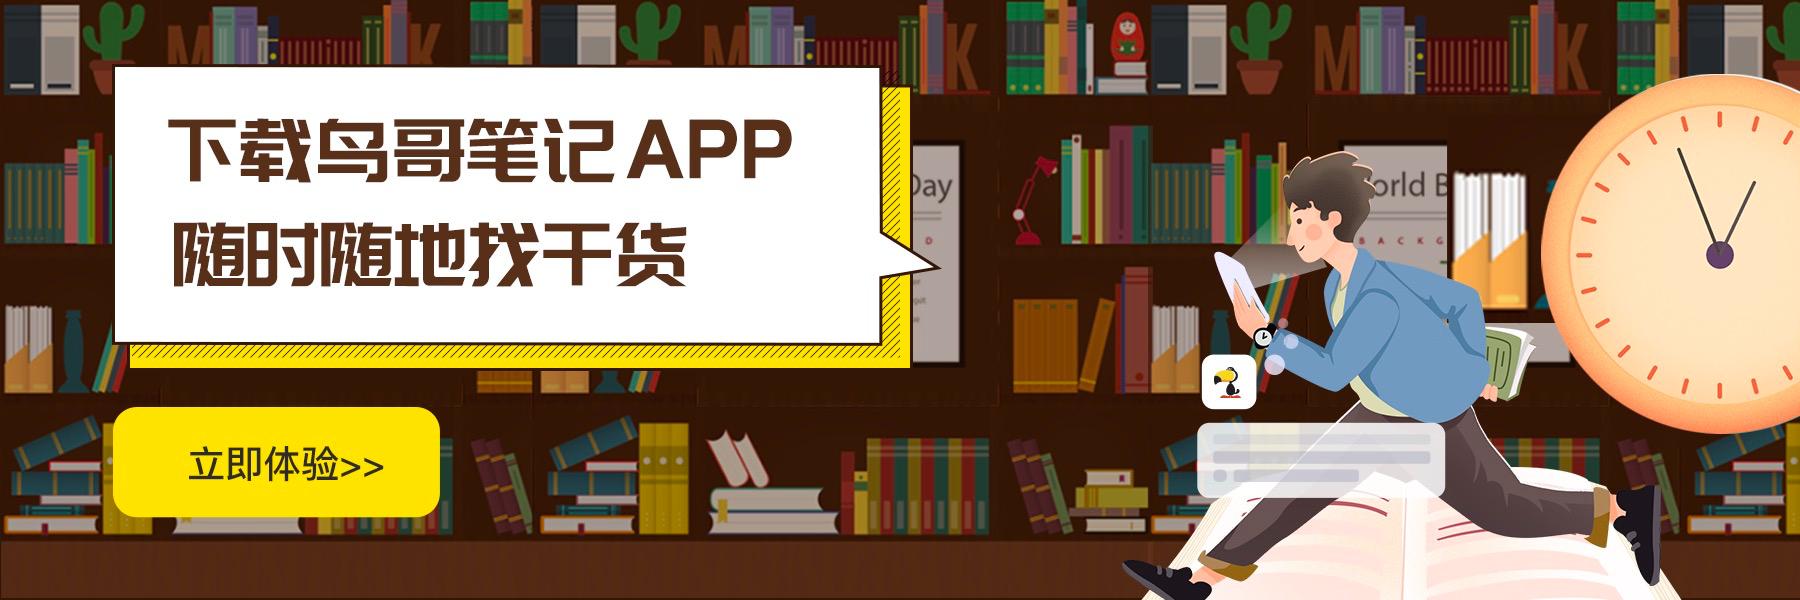 鸟哥笔记,用户运营,野生的独孤菌,教育,分享,分享,案例分析,用户增长